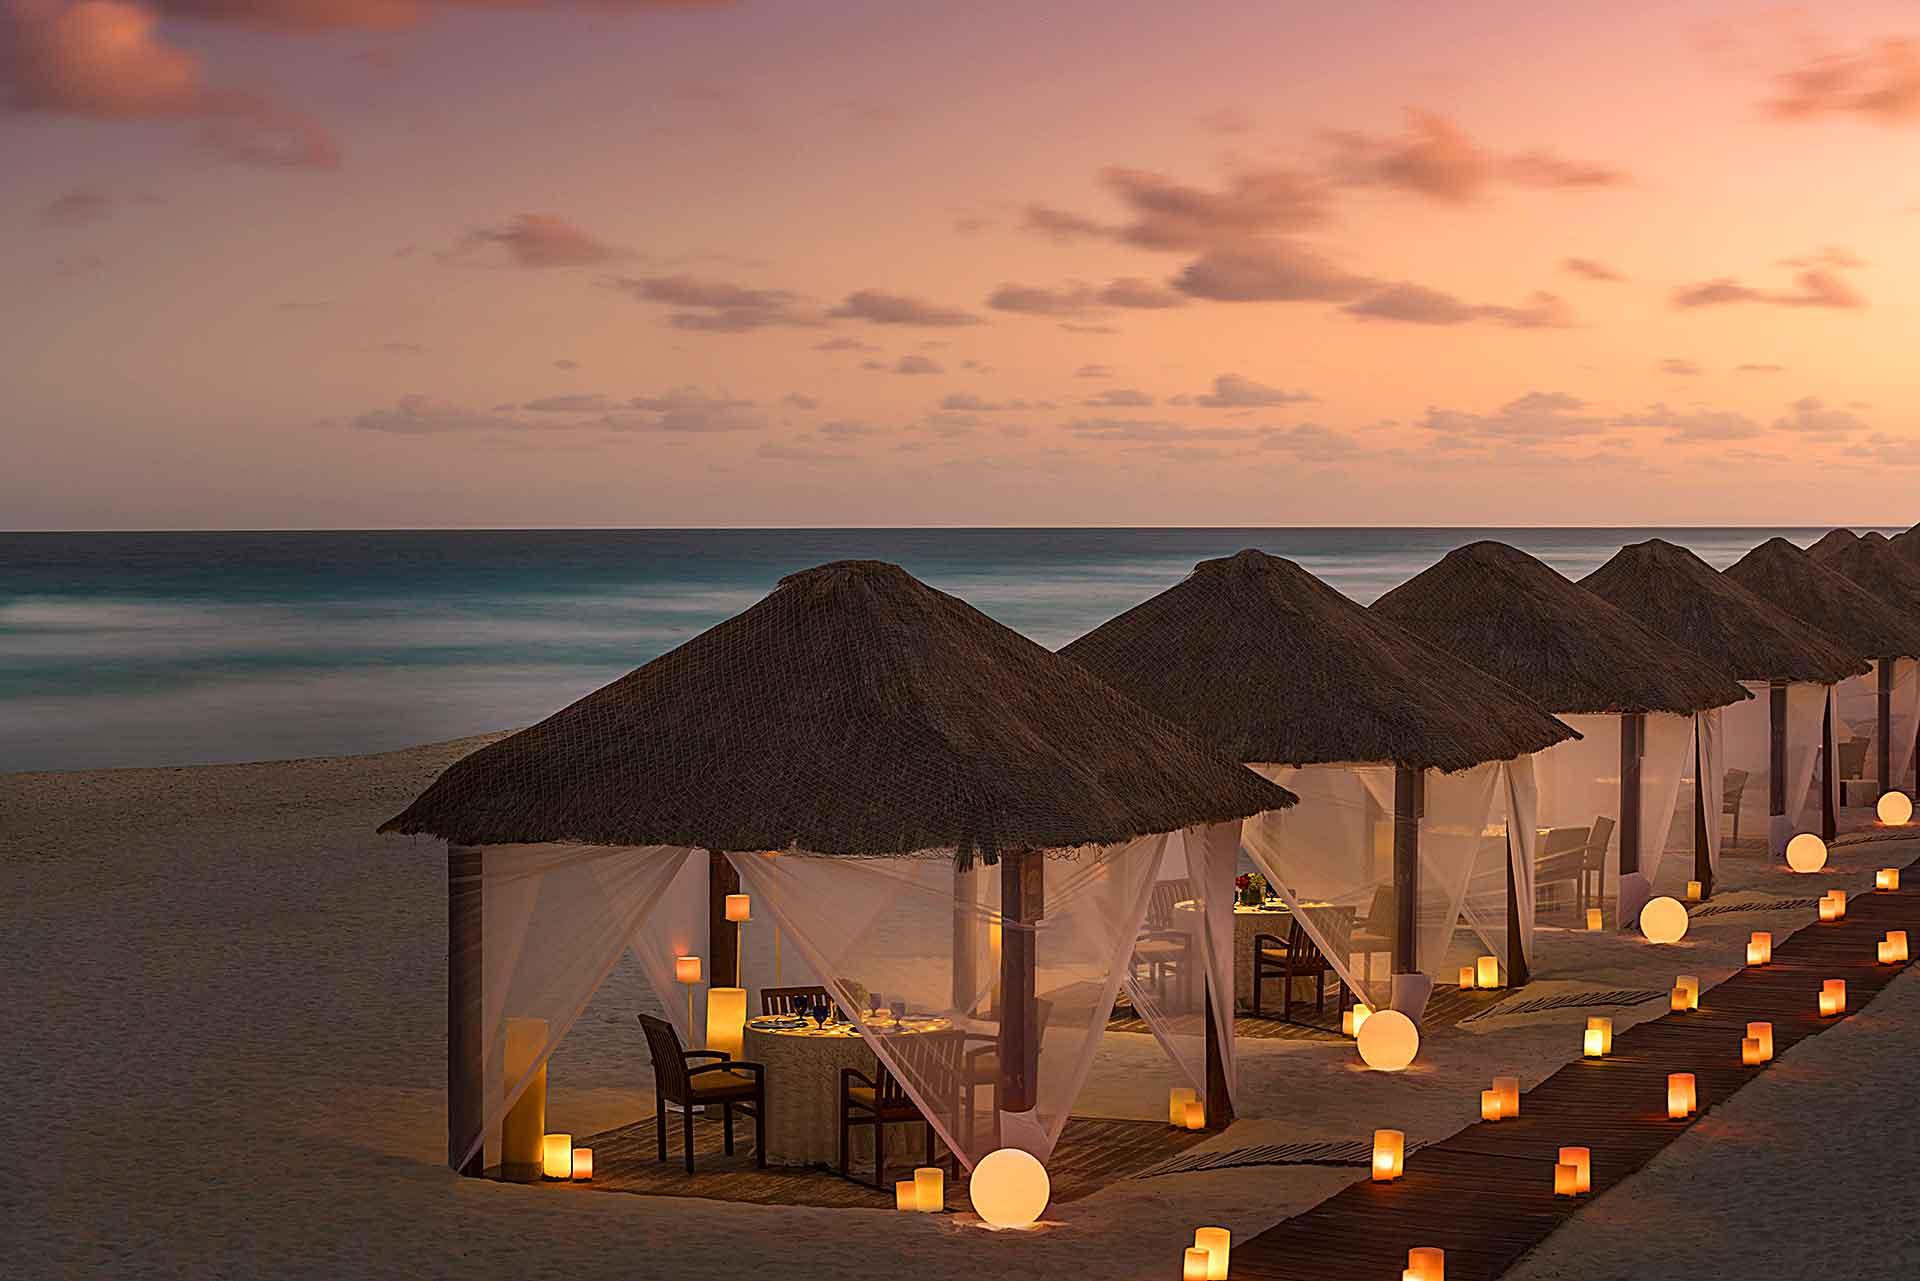 The Ritz-Carlton Cancun Casitas